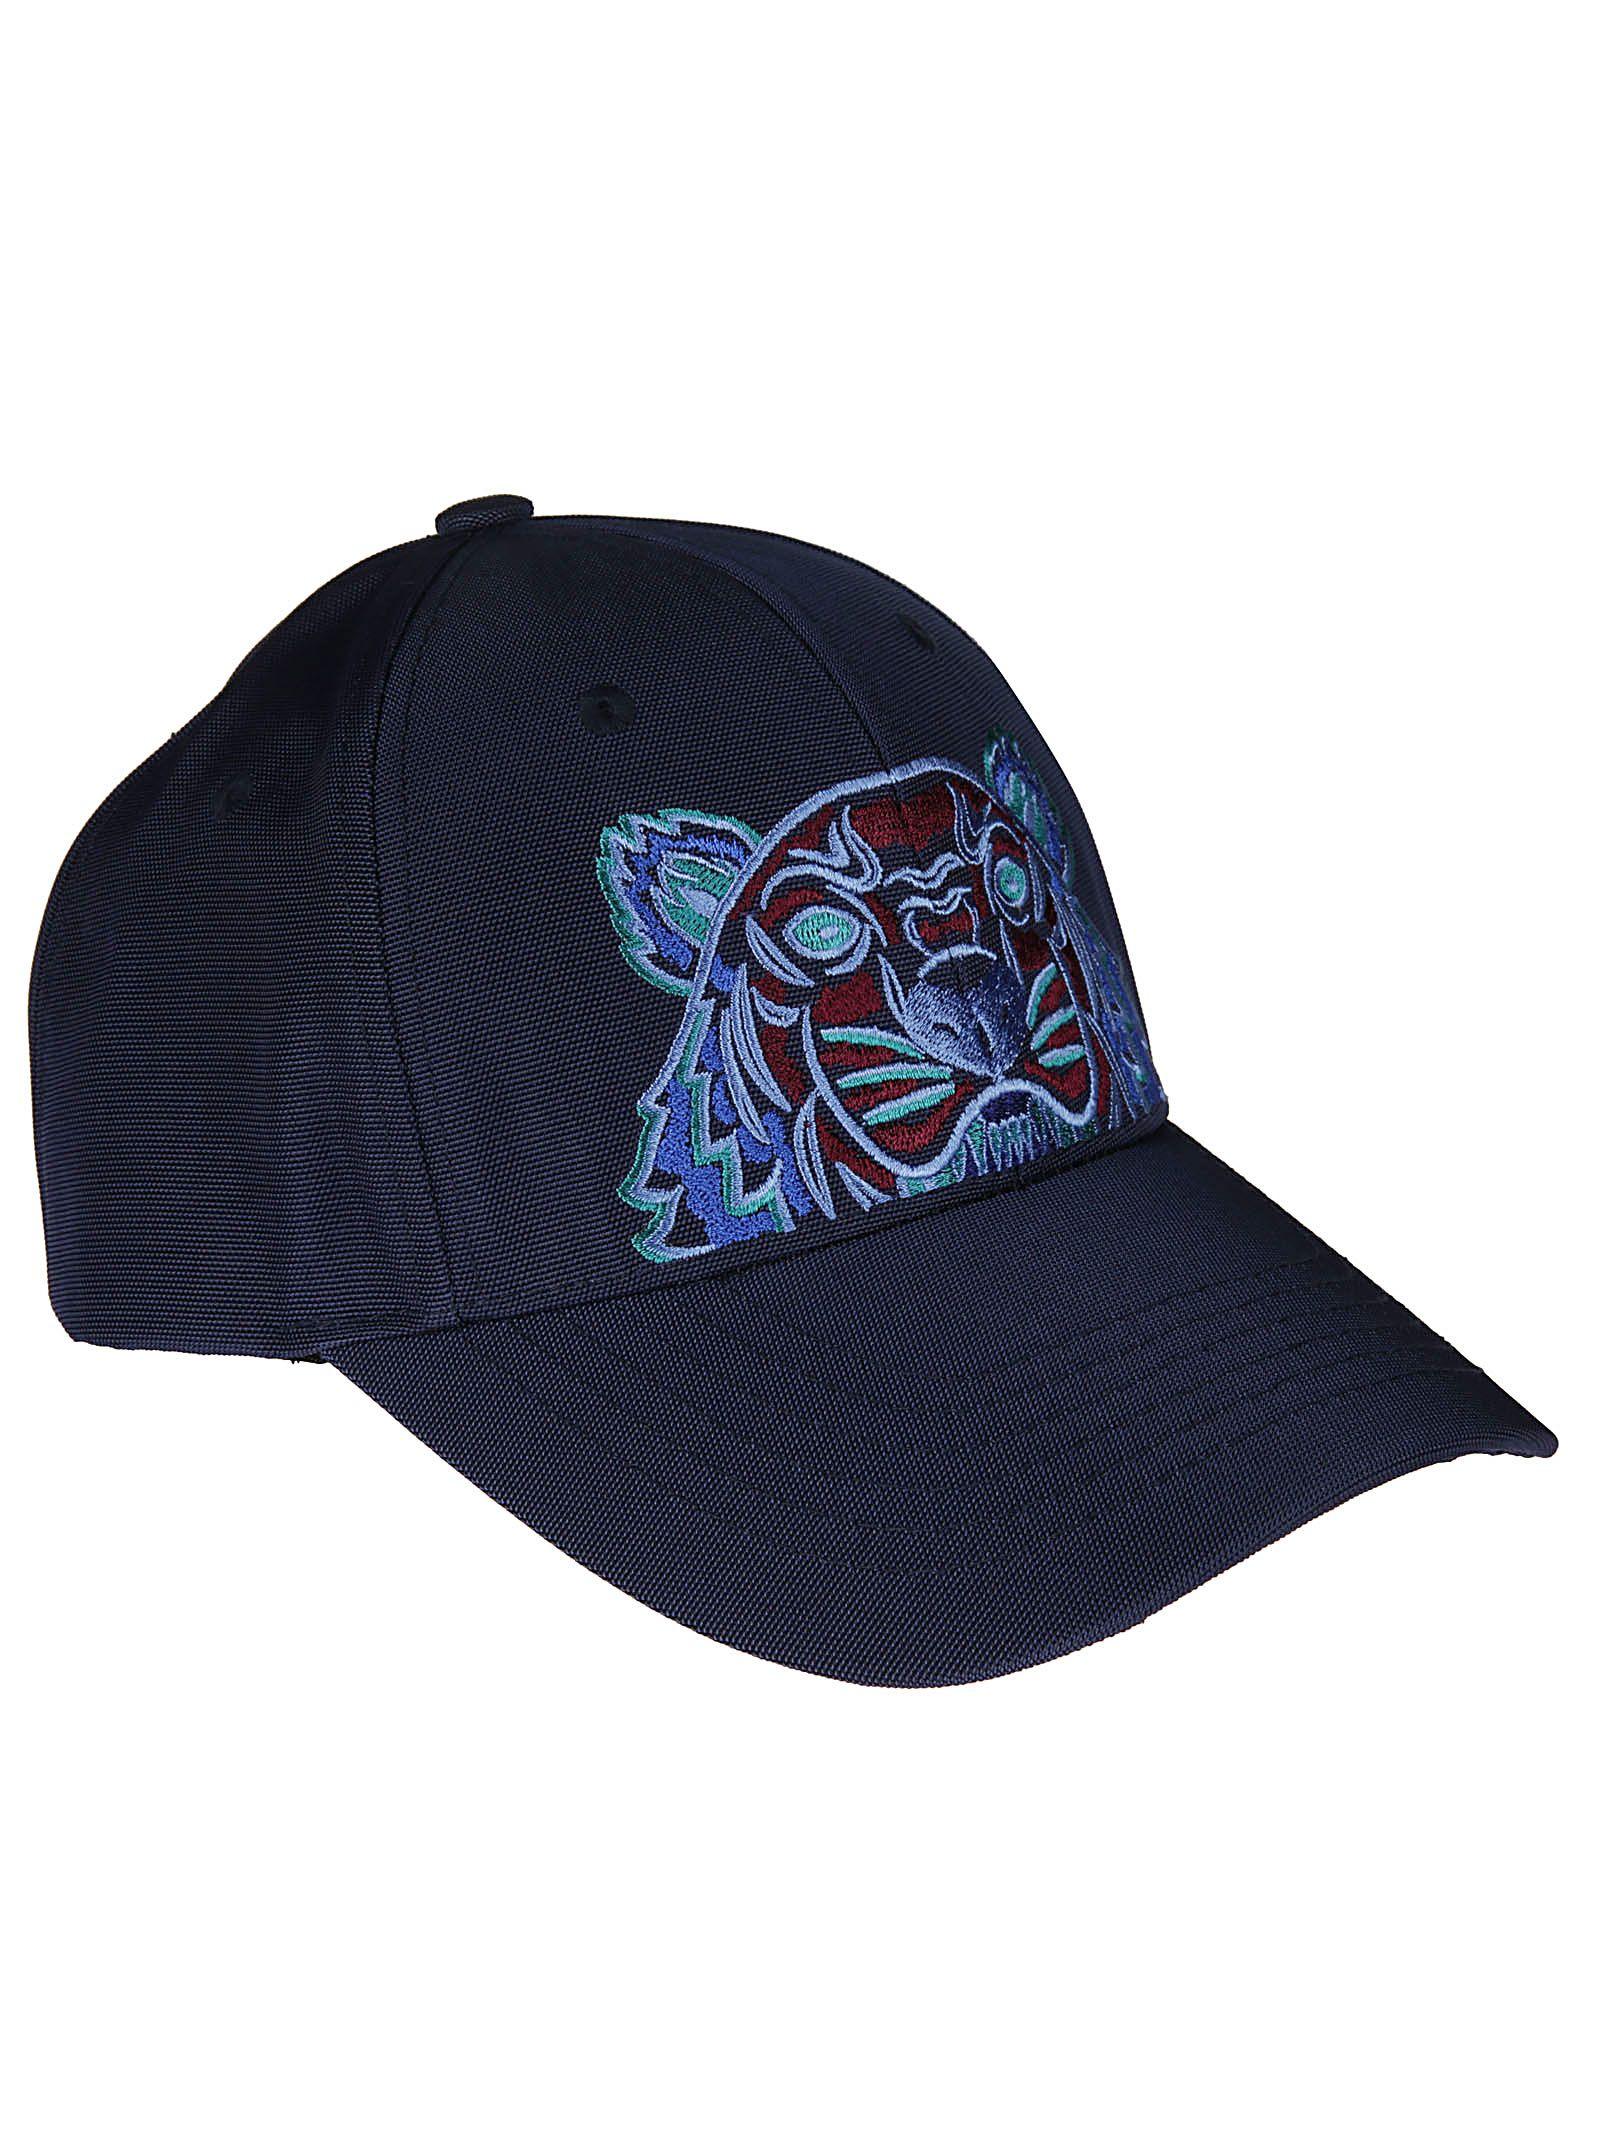 696a4e9073a Kenzo Kenzo Tiger Canvas Cap - Blue - 10676517